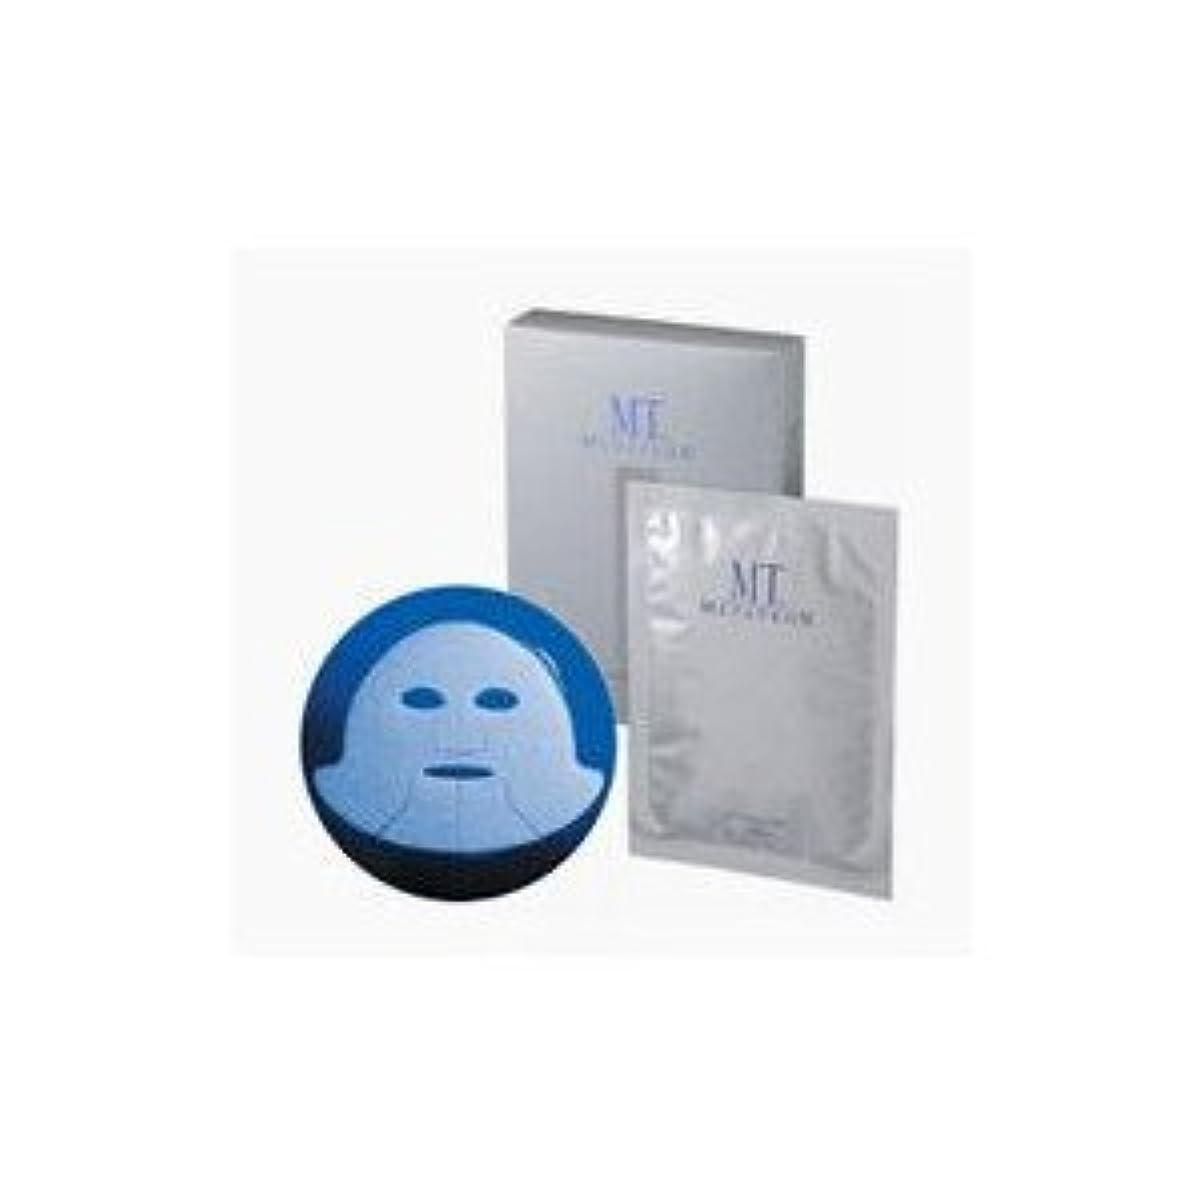 哲学者論理的にポールMTメタトロン MT コントア マスク 6枚入り アウトレット